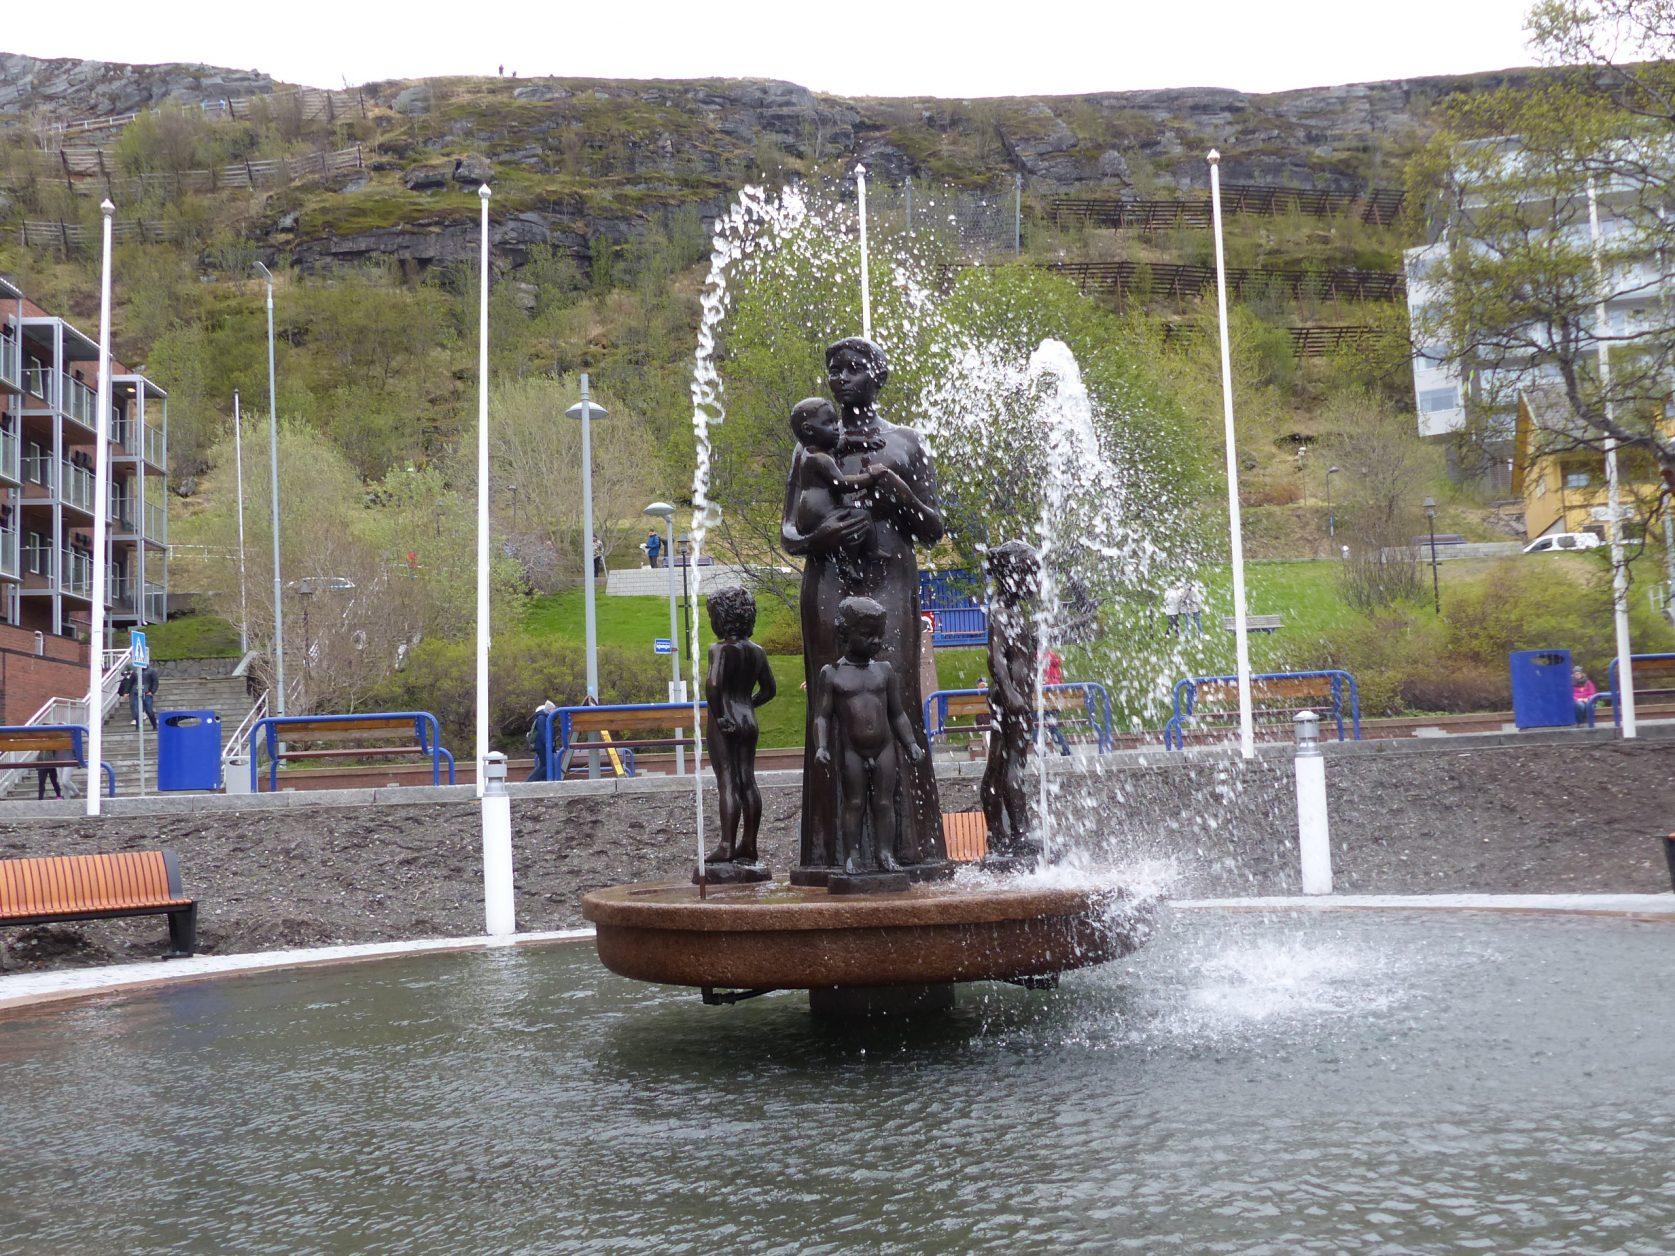 Hammerfest widmet seinen Müttern und Kindern einen springbrunnen im Zentrum der Stadt Foto: Weirauch